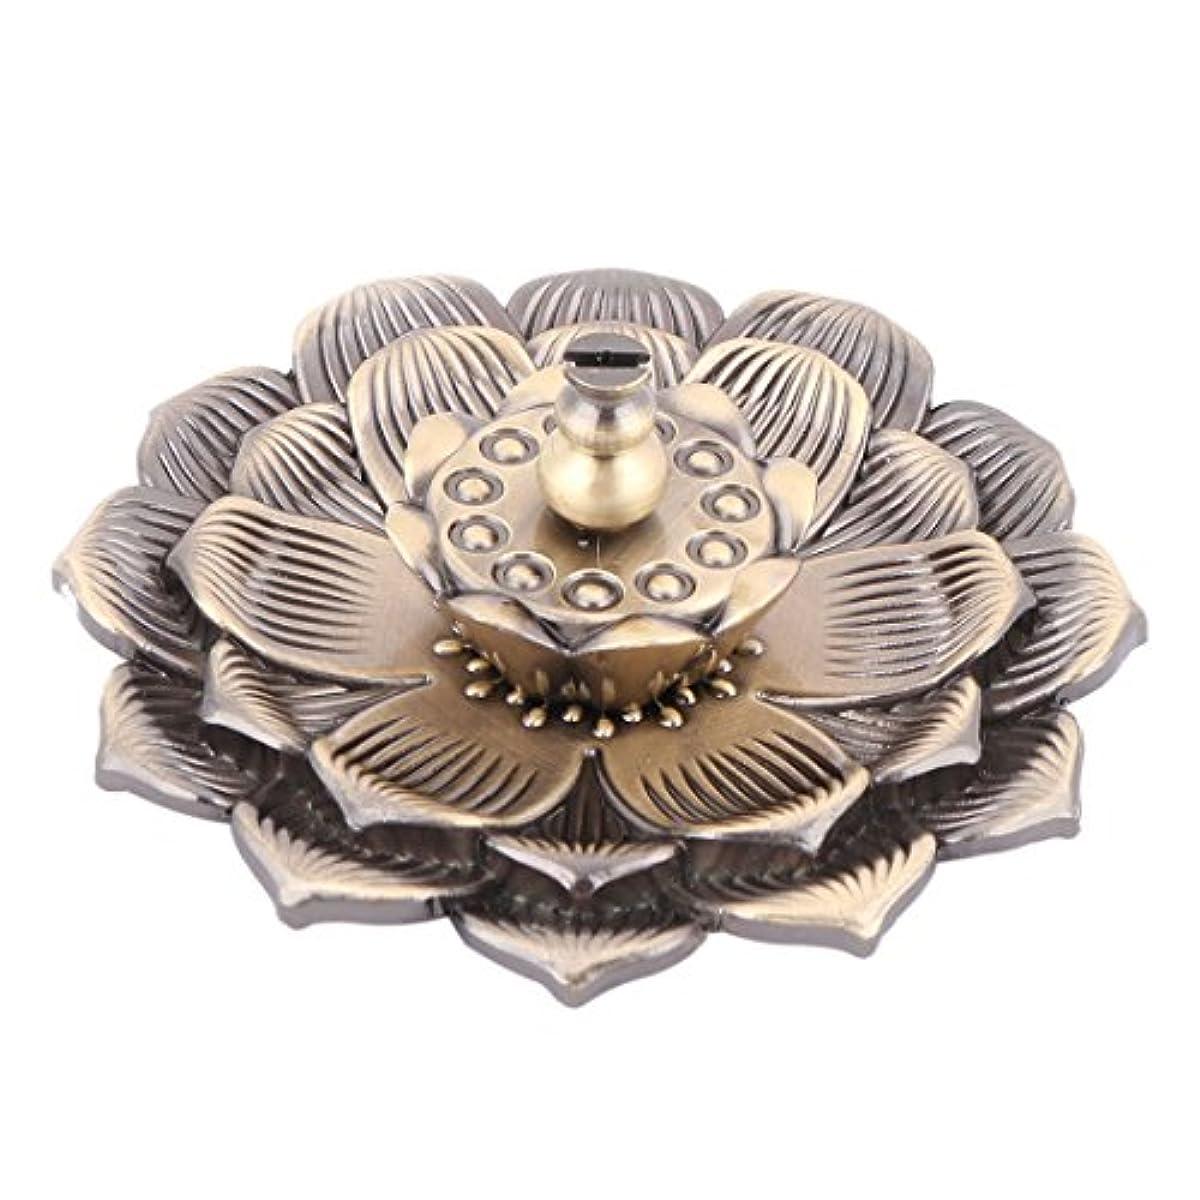 印象的あいまいなチャネルuxcell 香炉ホルダー お香立て インセンスホルダー 蓮 ロータス 花型 セット 金属製 家庭用 直径10cm ブロンズ